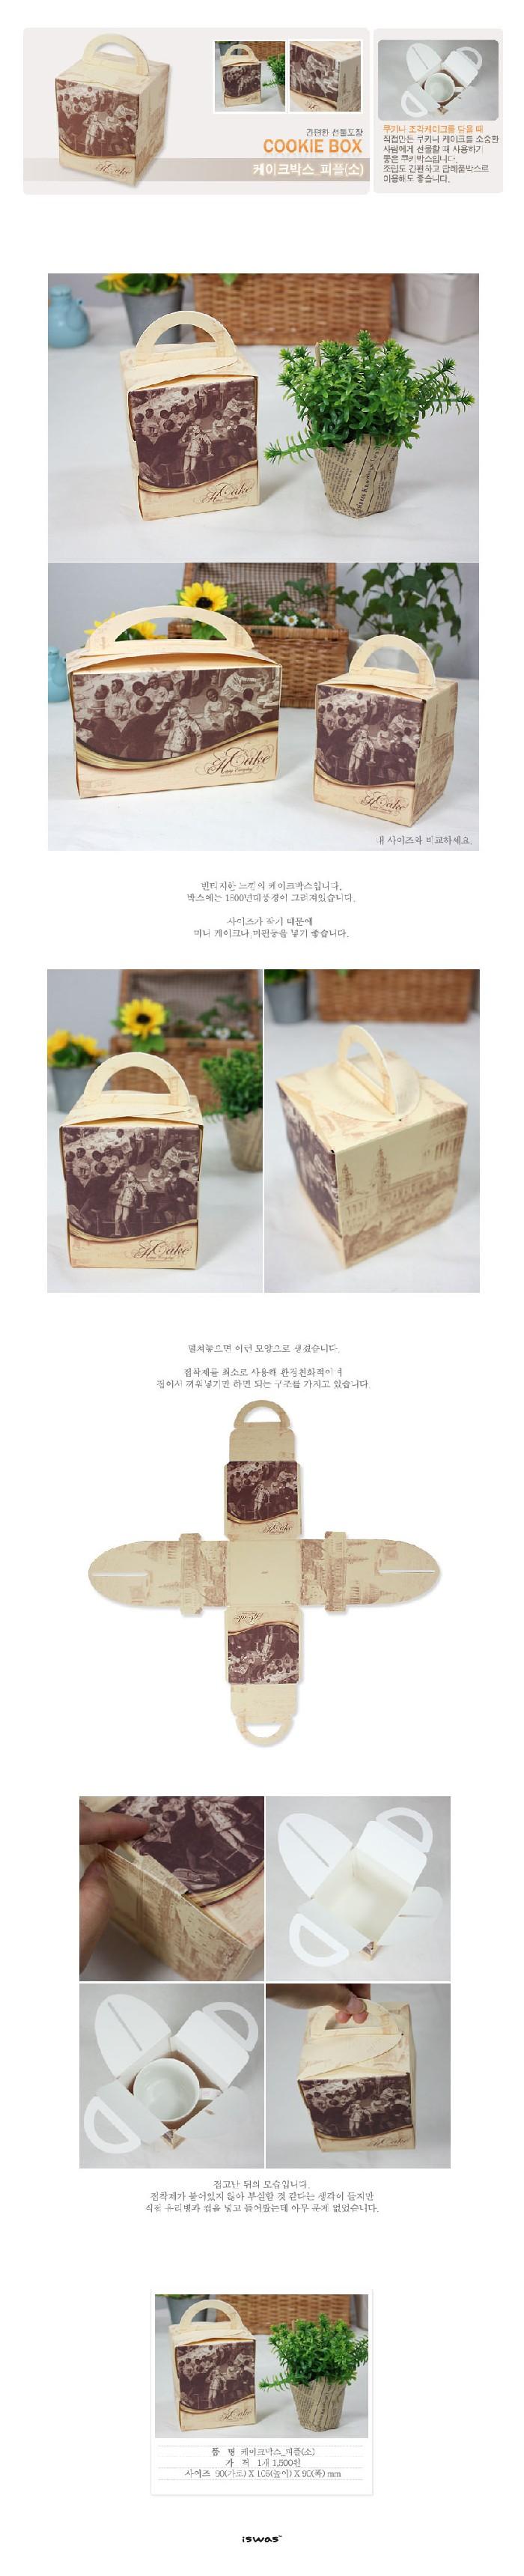 케이크박스 피플(소) - 자연과사람, 1,500원, DIY재료, 포장용구